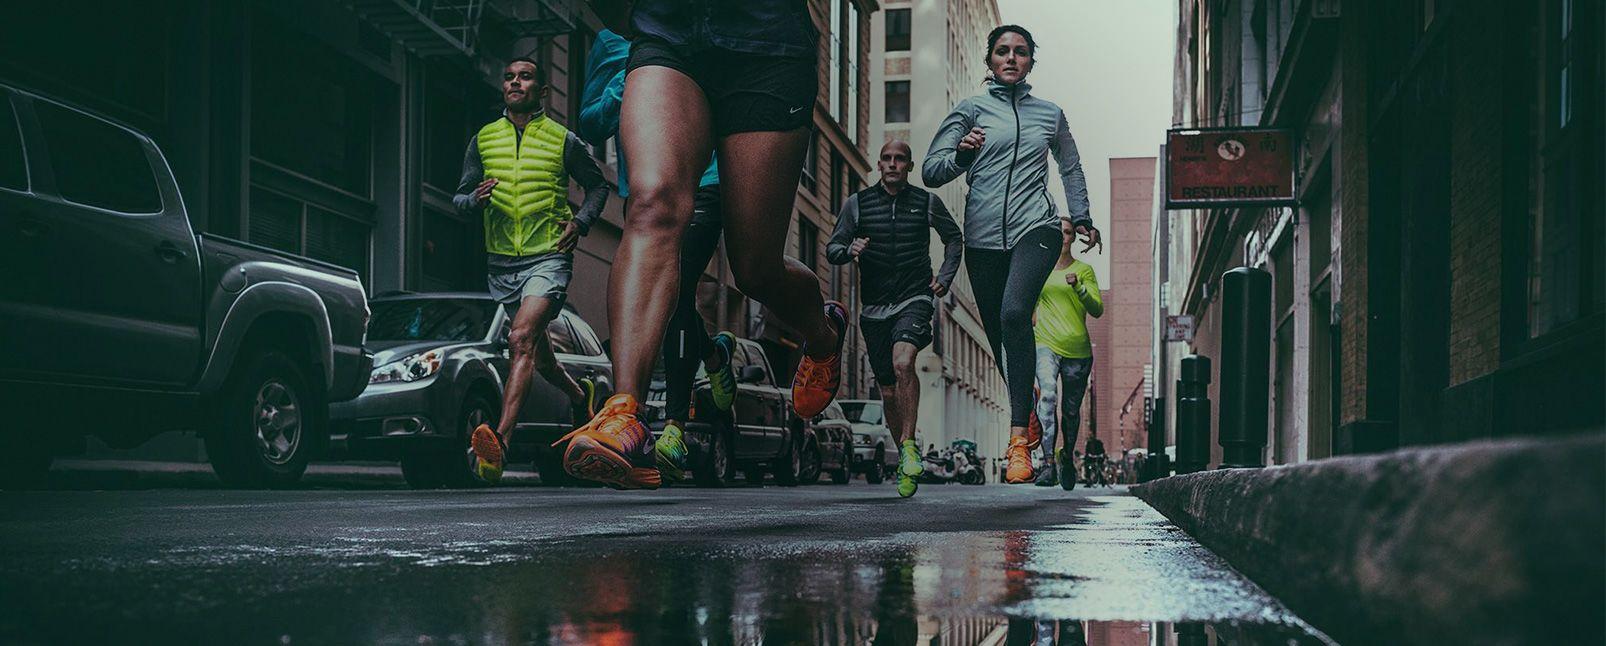 Montgomery Perspectiva Tan rápido como un flash  Cuál es la misión de Nike?   Ayuda de Nike